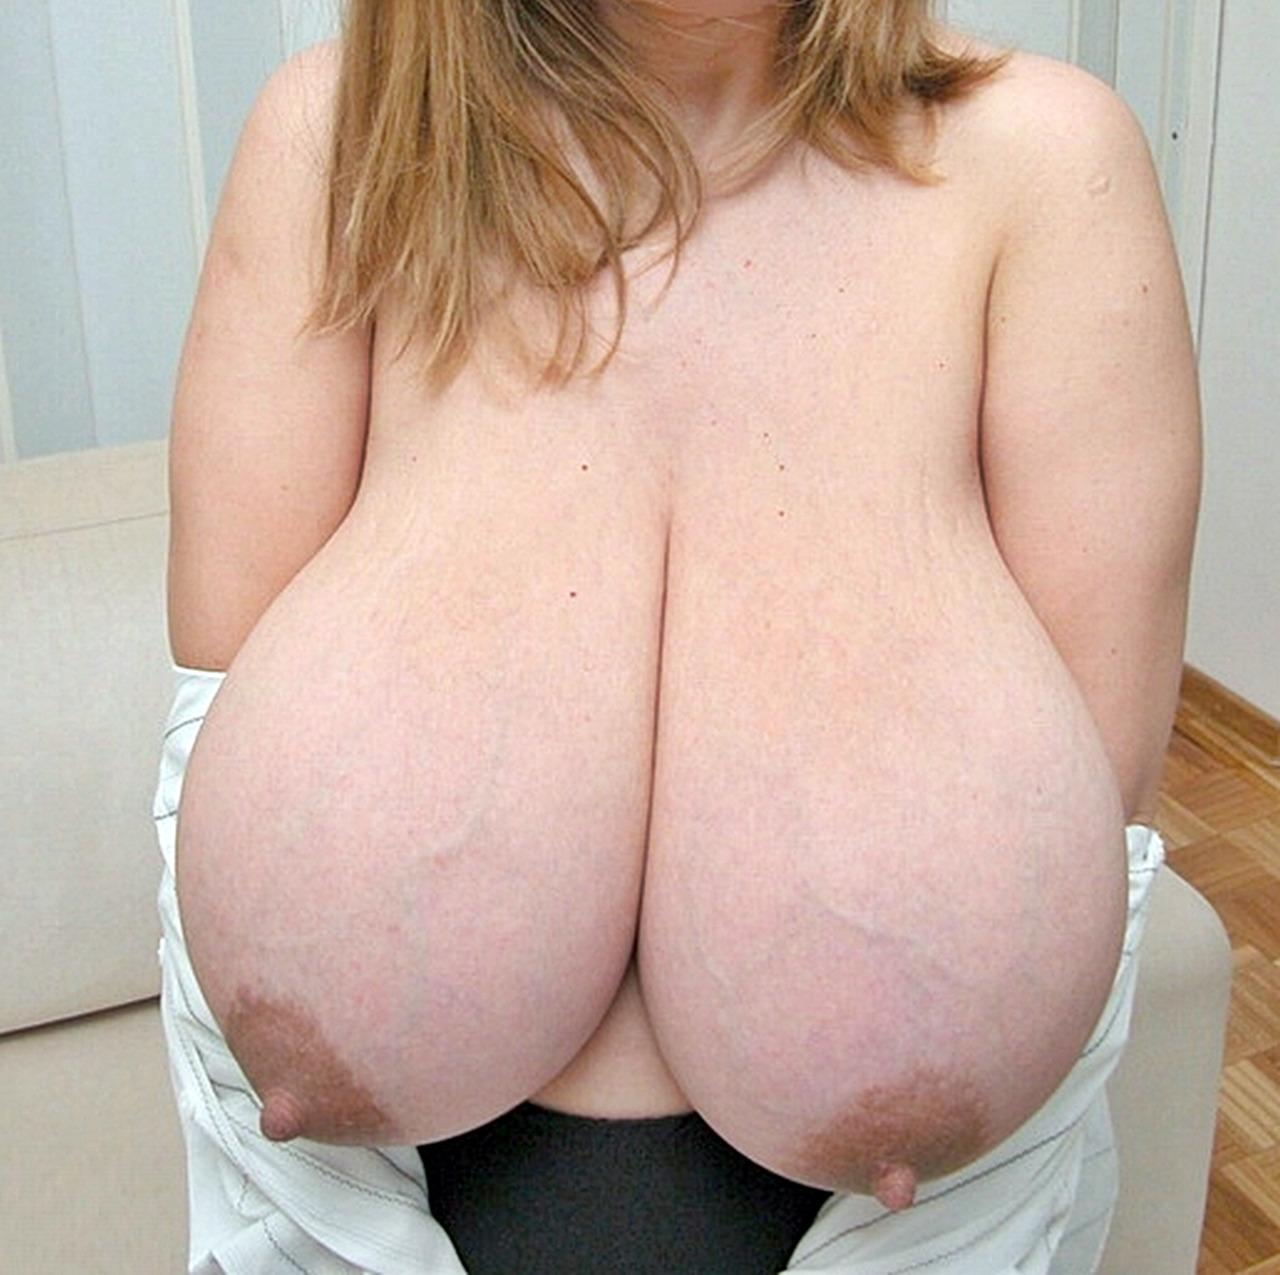 【巨乳エロ画像】おっぱい好きでもちと怖いw血管浮き気味な巨乳www 15